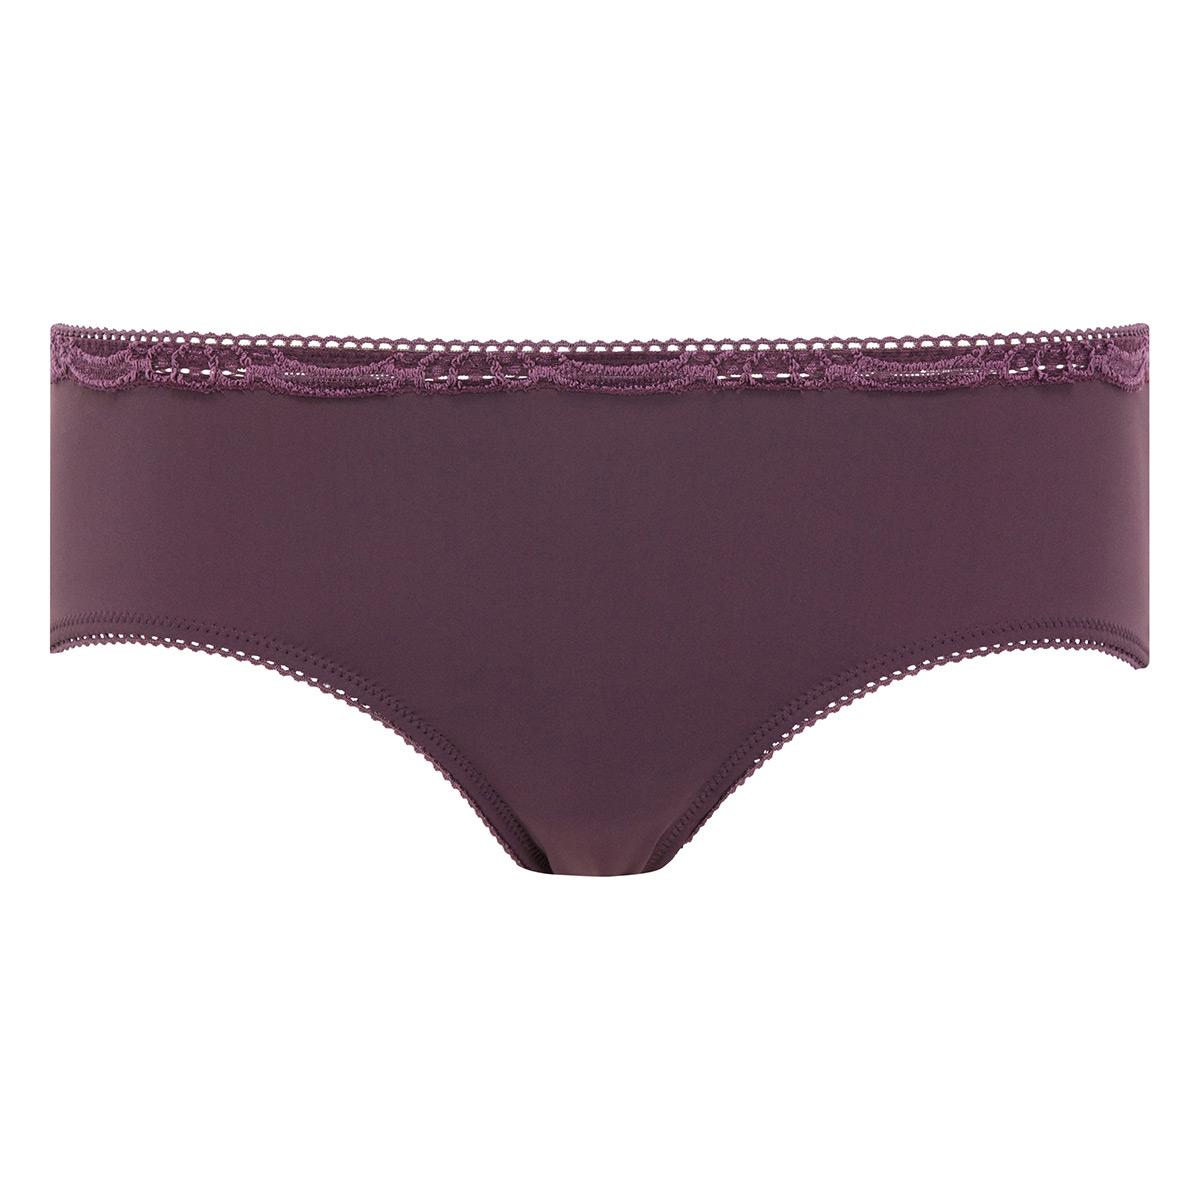 Culotte Midi noire prune - Invisible Elegance-PLAYTEX